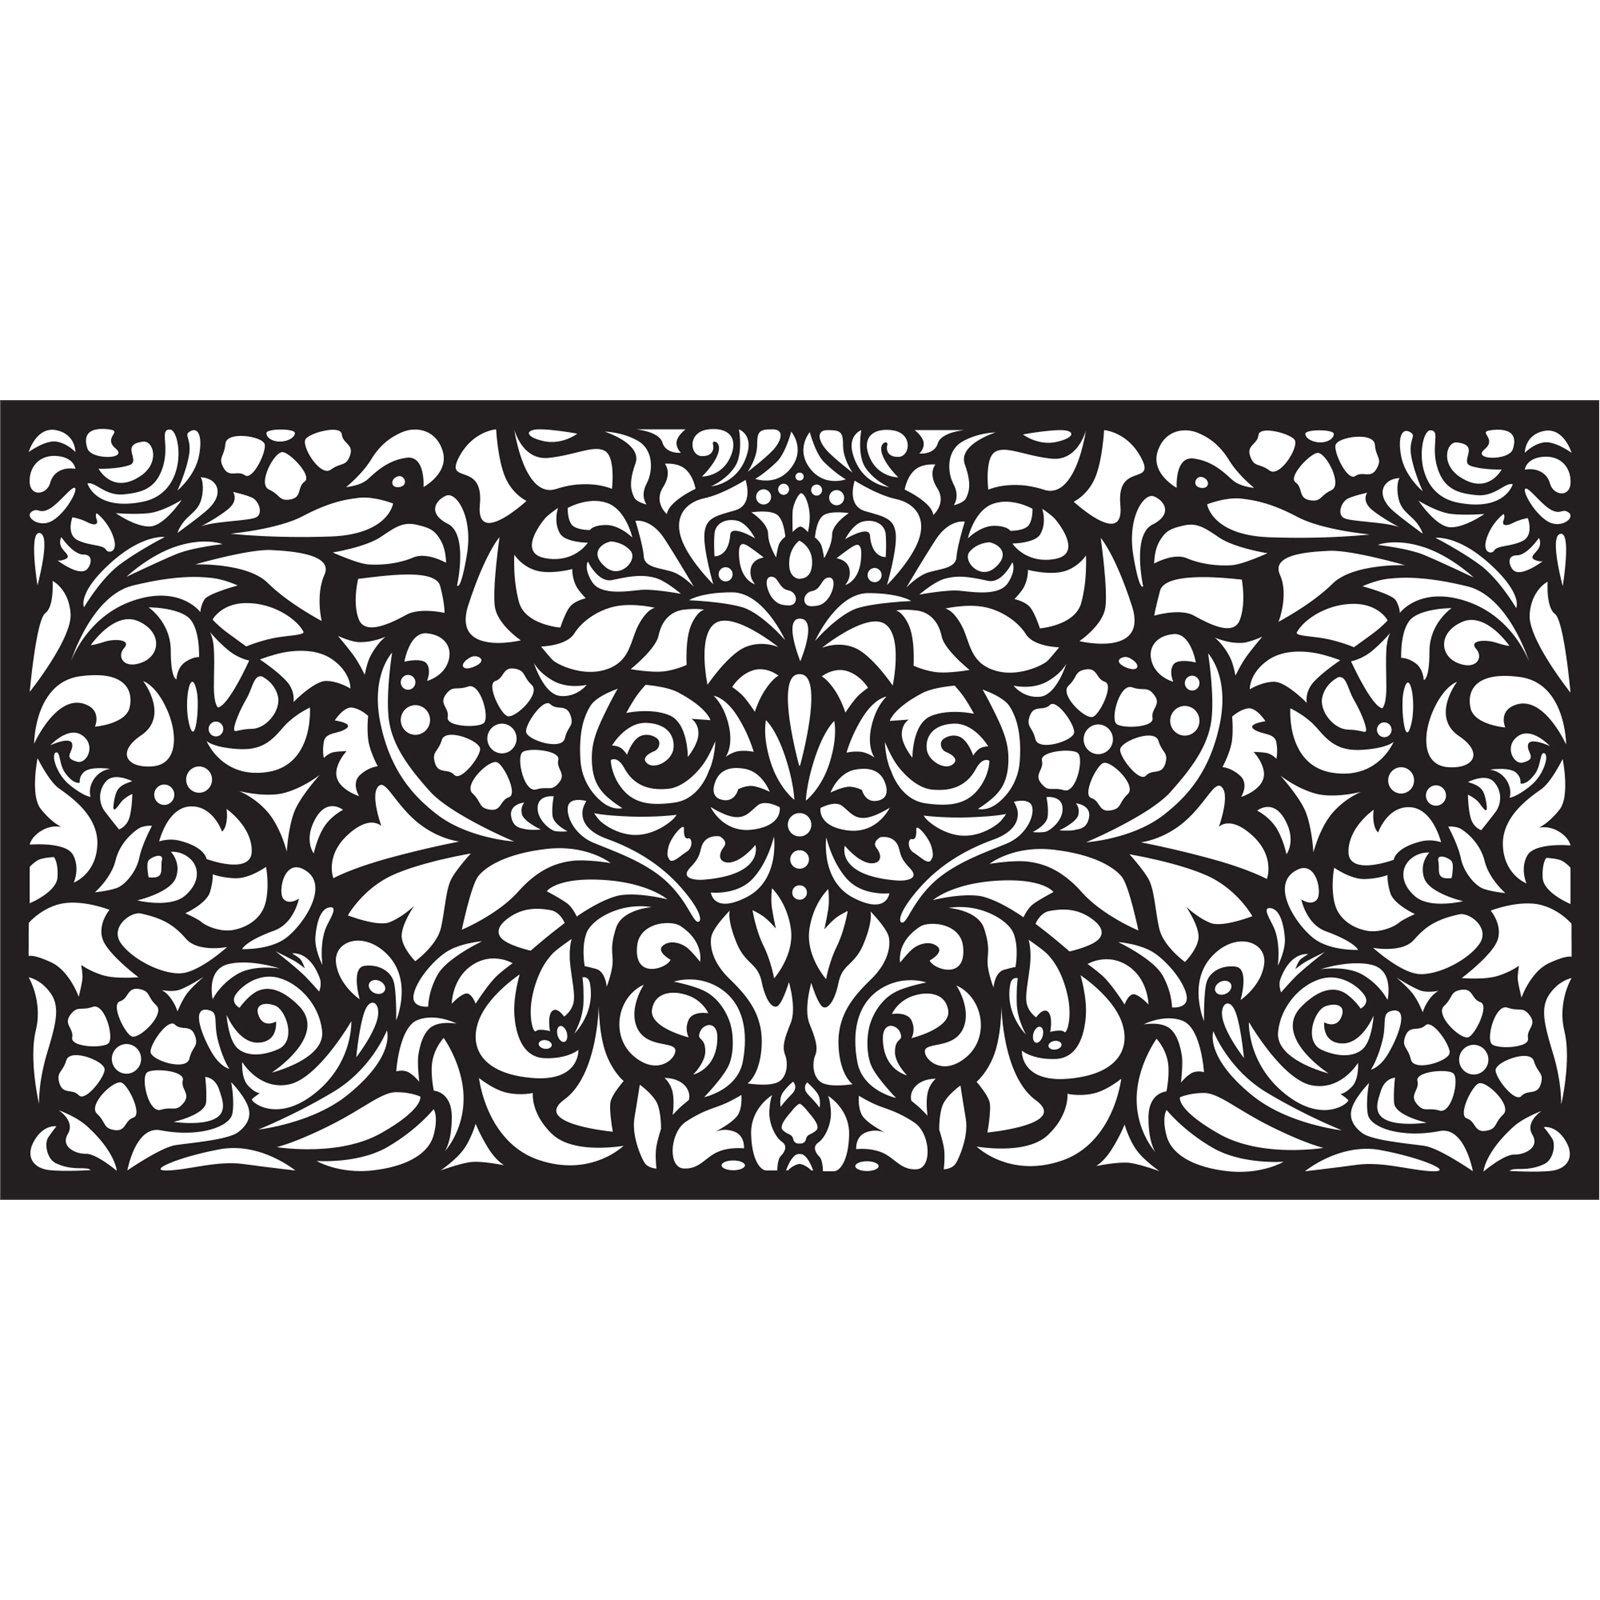 Matrix 1160 x 580mm Charcoal Baroque Wall Art